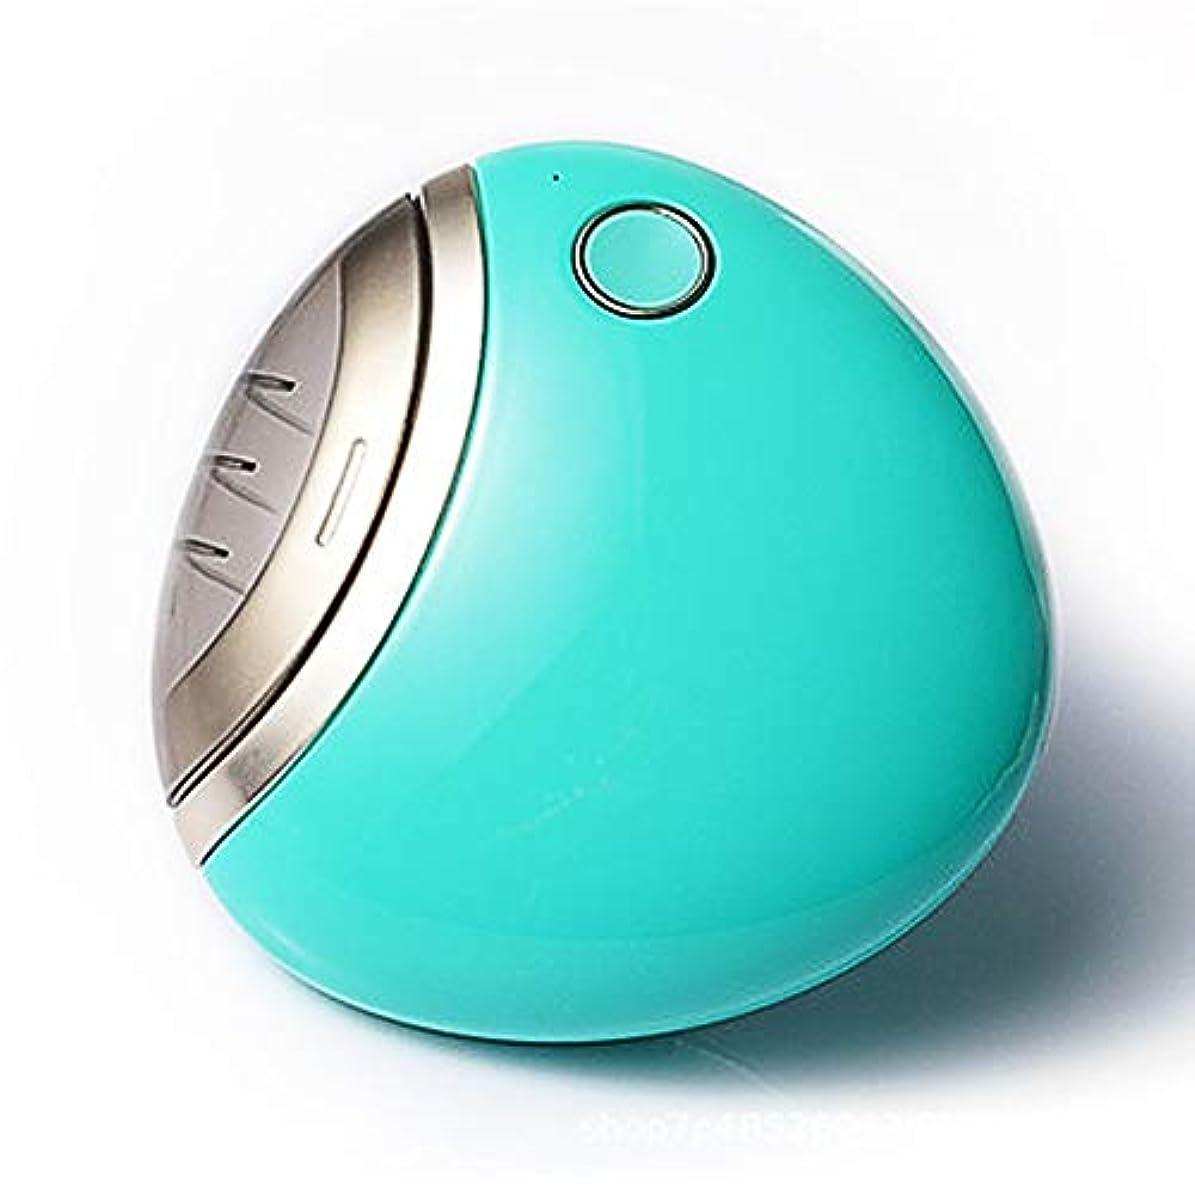 支払い住人神の電動ネイルクリッパー、充電式自動ネイルクリッパー(500 Mahバッテリー付き)内蔵ネイルデブリボックス安全マニキュアツール,グリーン